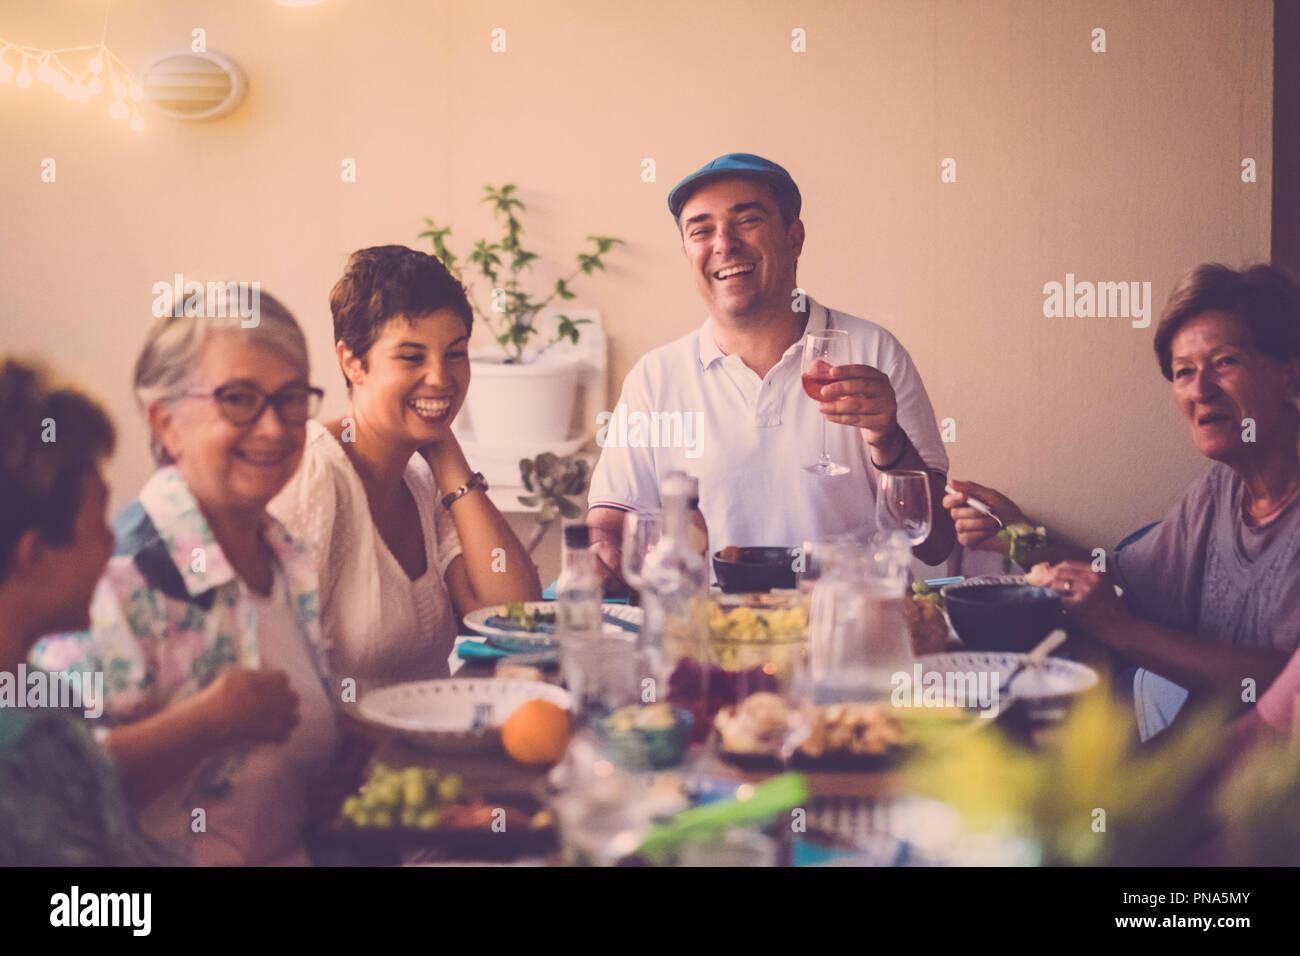 Happy group d'âges différents gens célébrer et s'amuser ensemble dans l'amitié à la maison ou au restaurant. Acclamations et grillage avec cocktails et Photo Stock